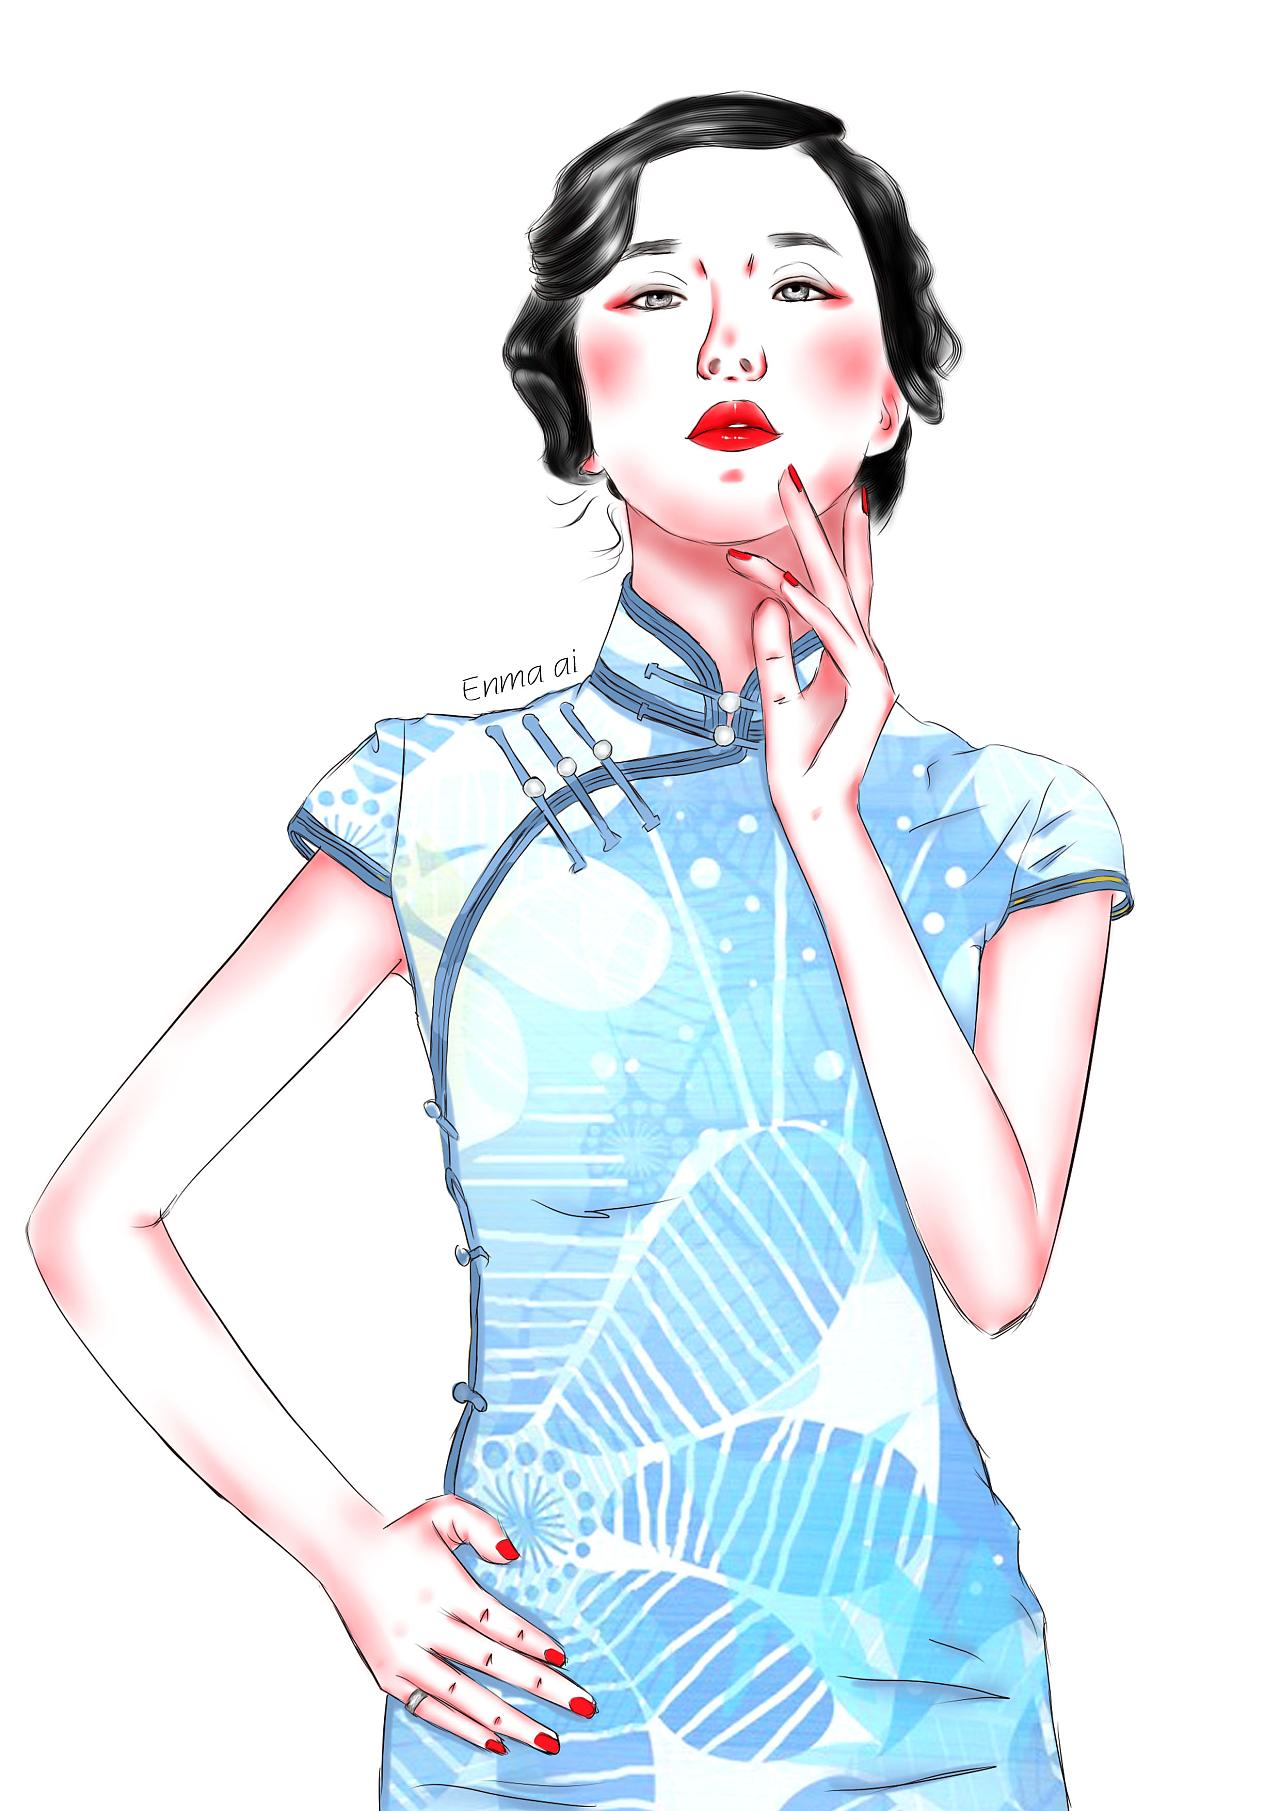 旗袍|插画|其他插画|阎爱a - 原创作品 - 站酷 (zcool)